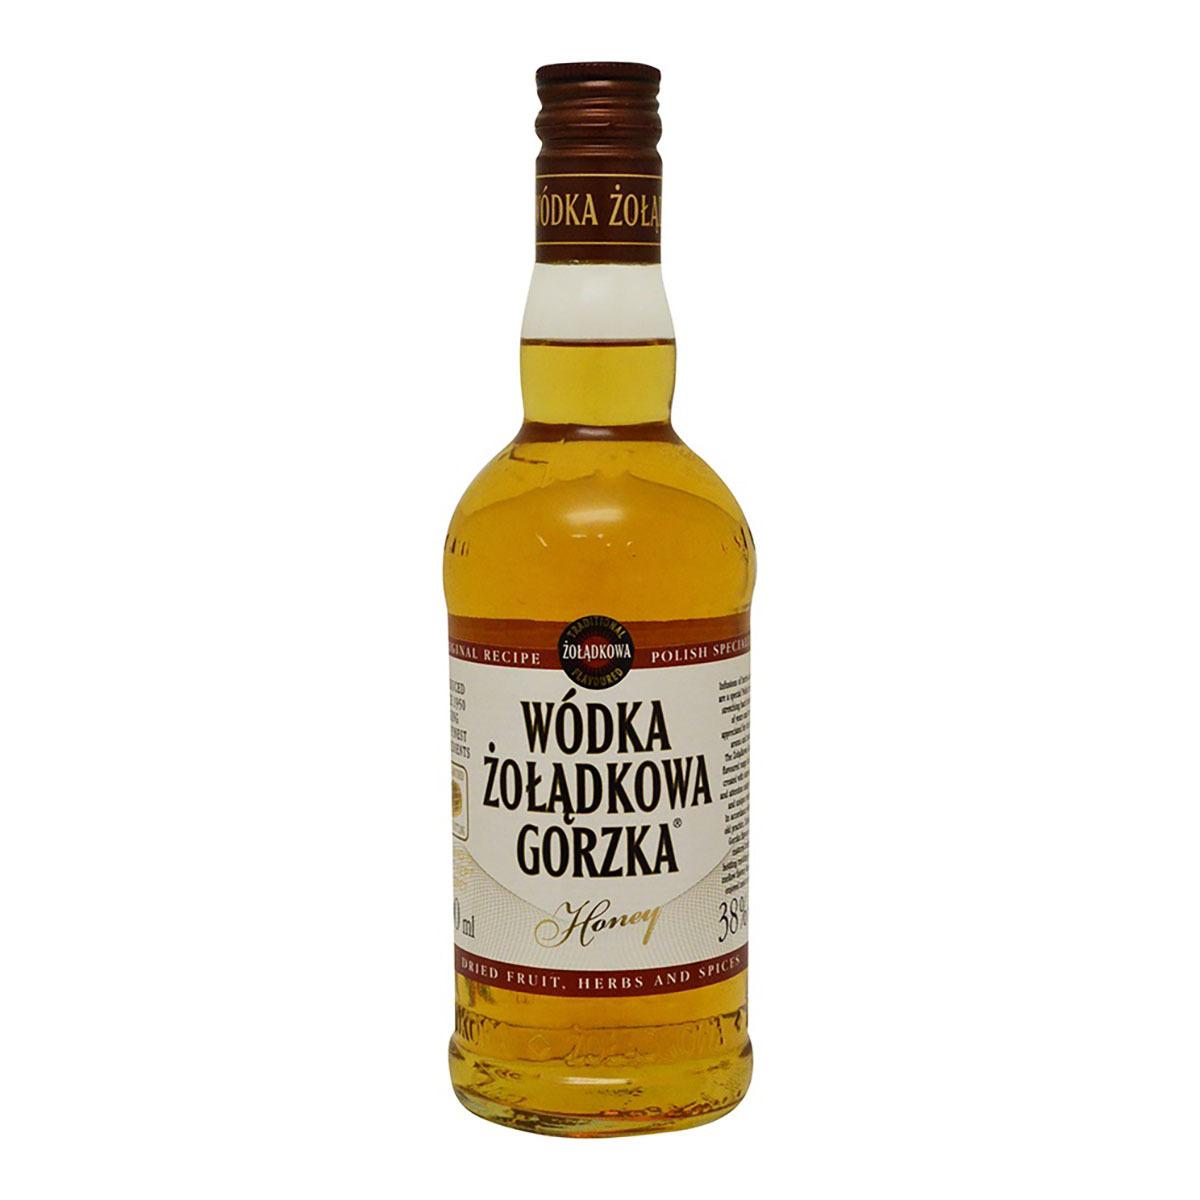 Chedraui: Vodka Zoladkowa Gorzka